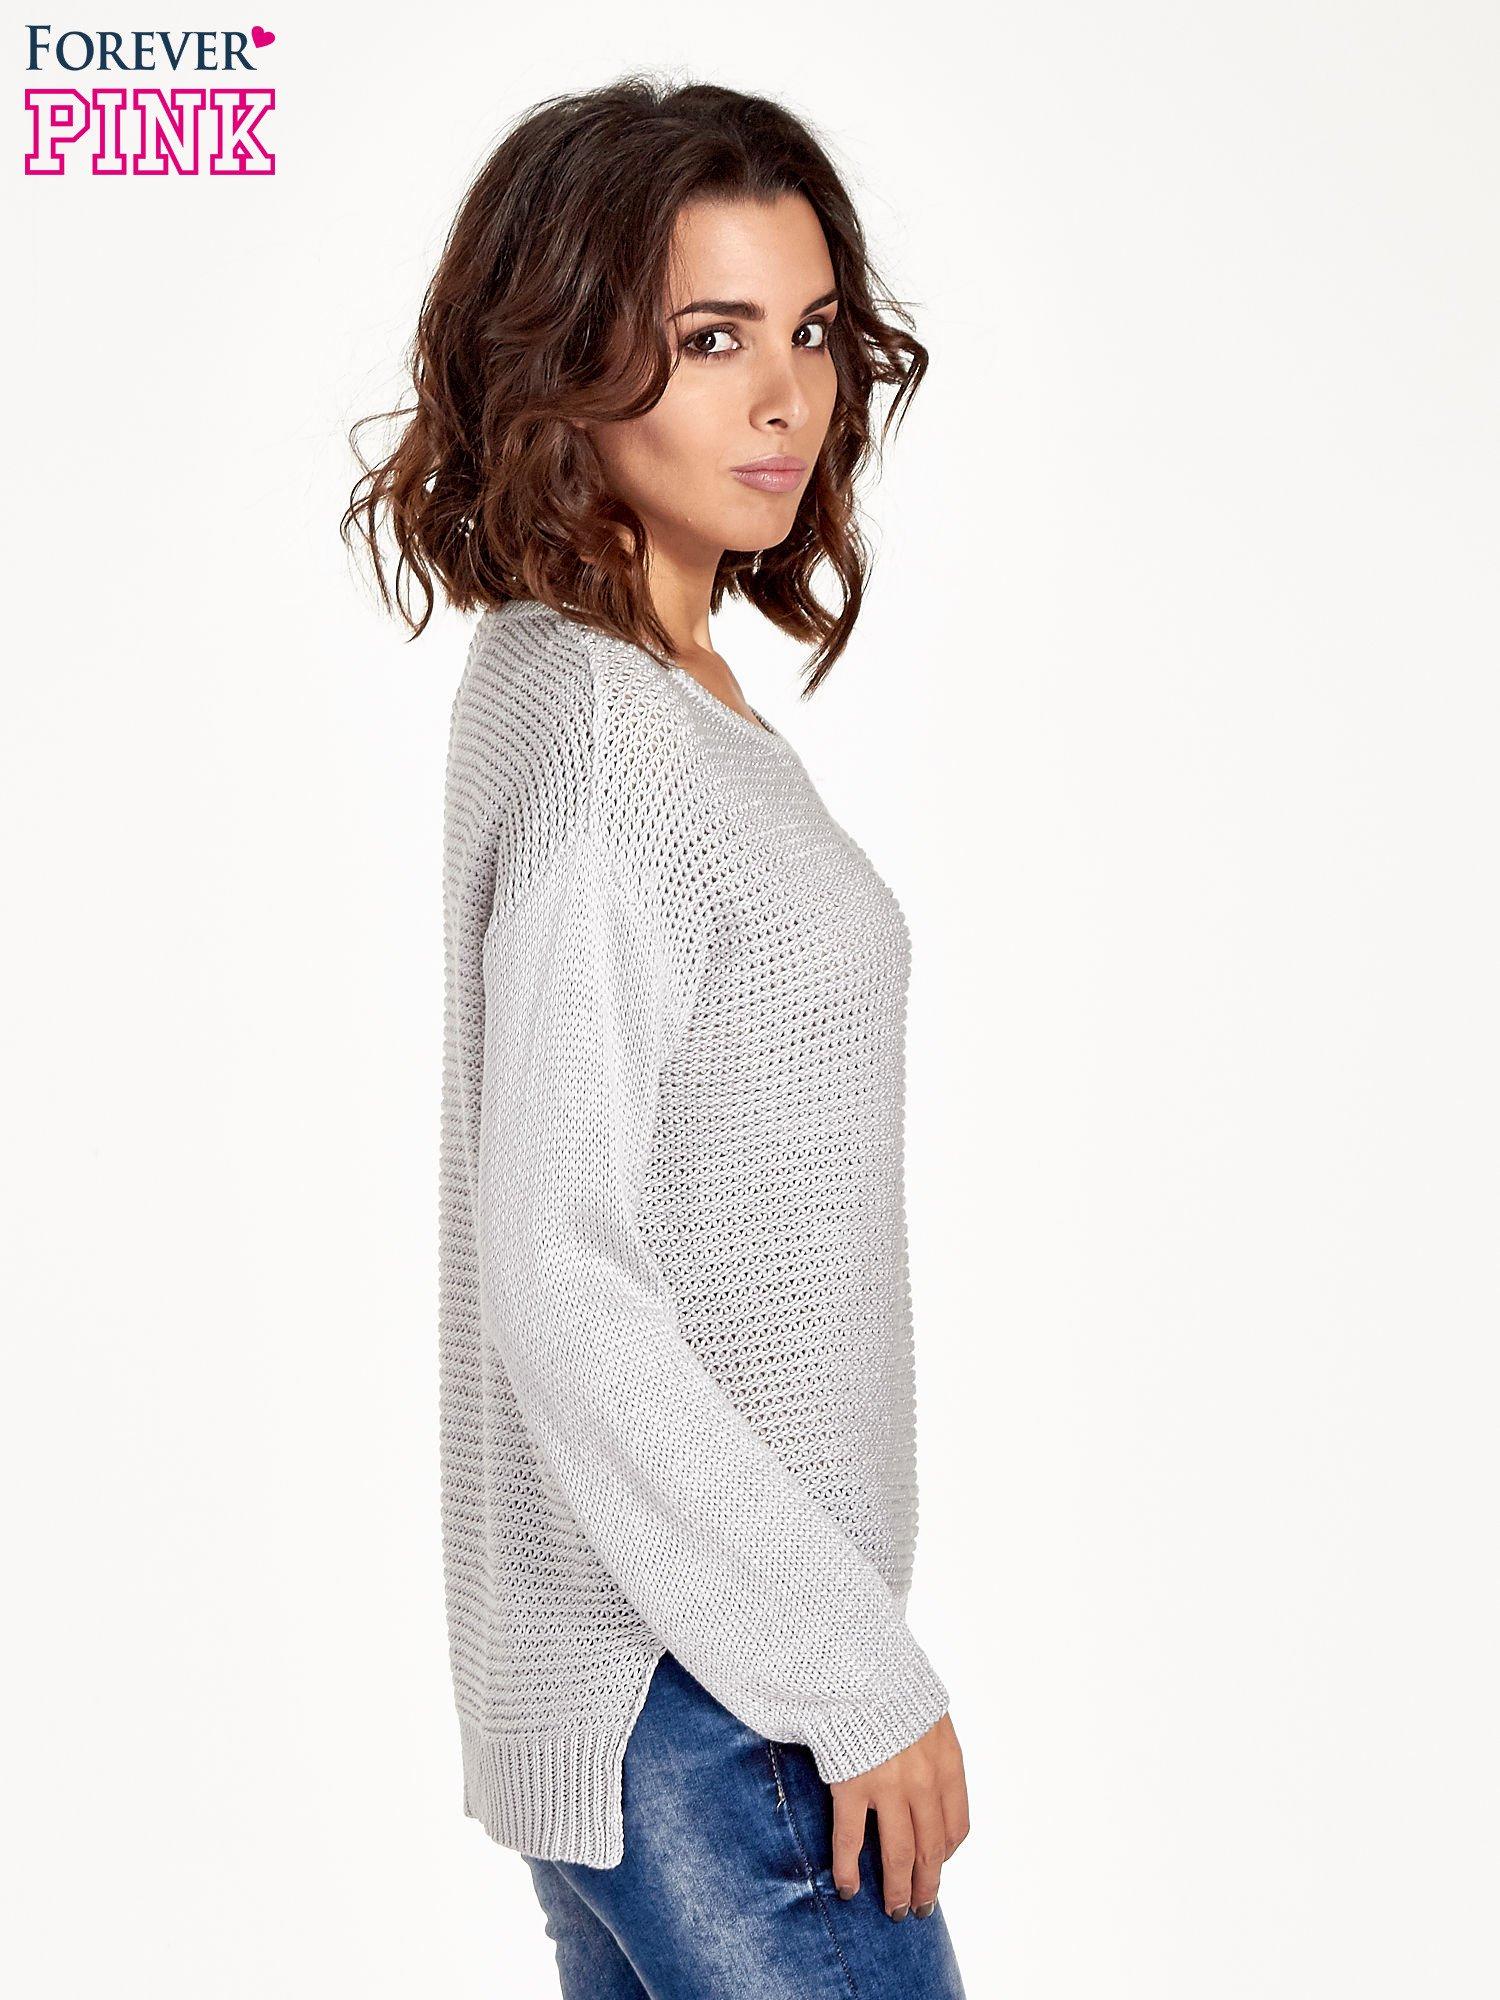 Szary sweter o większych oczkach                                  zdj.                                  3